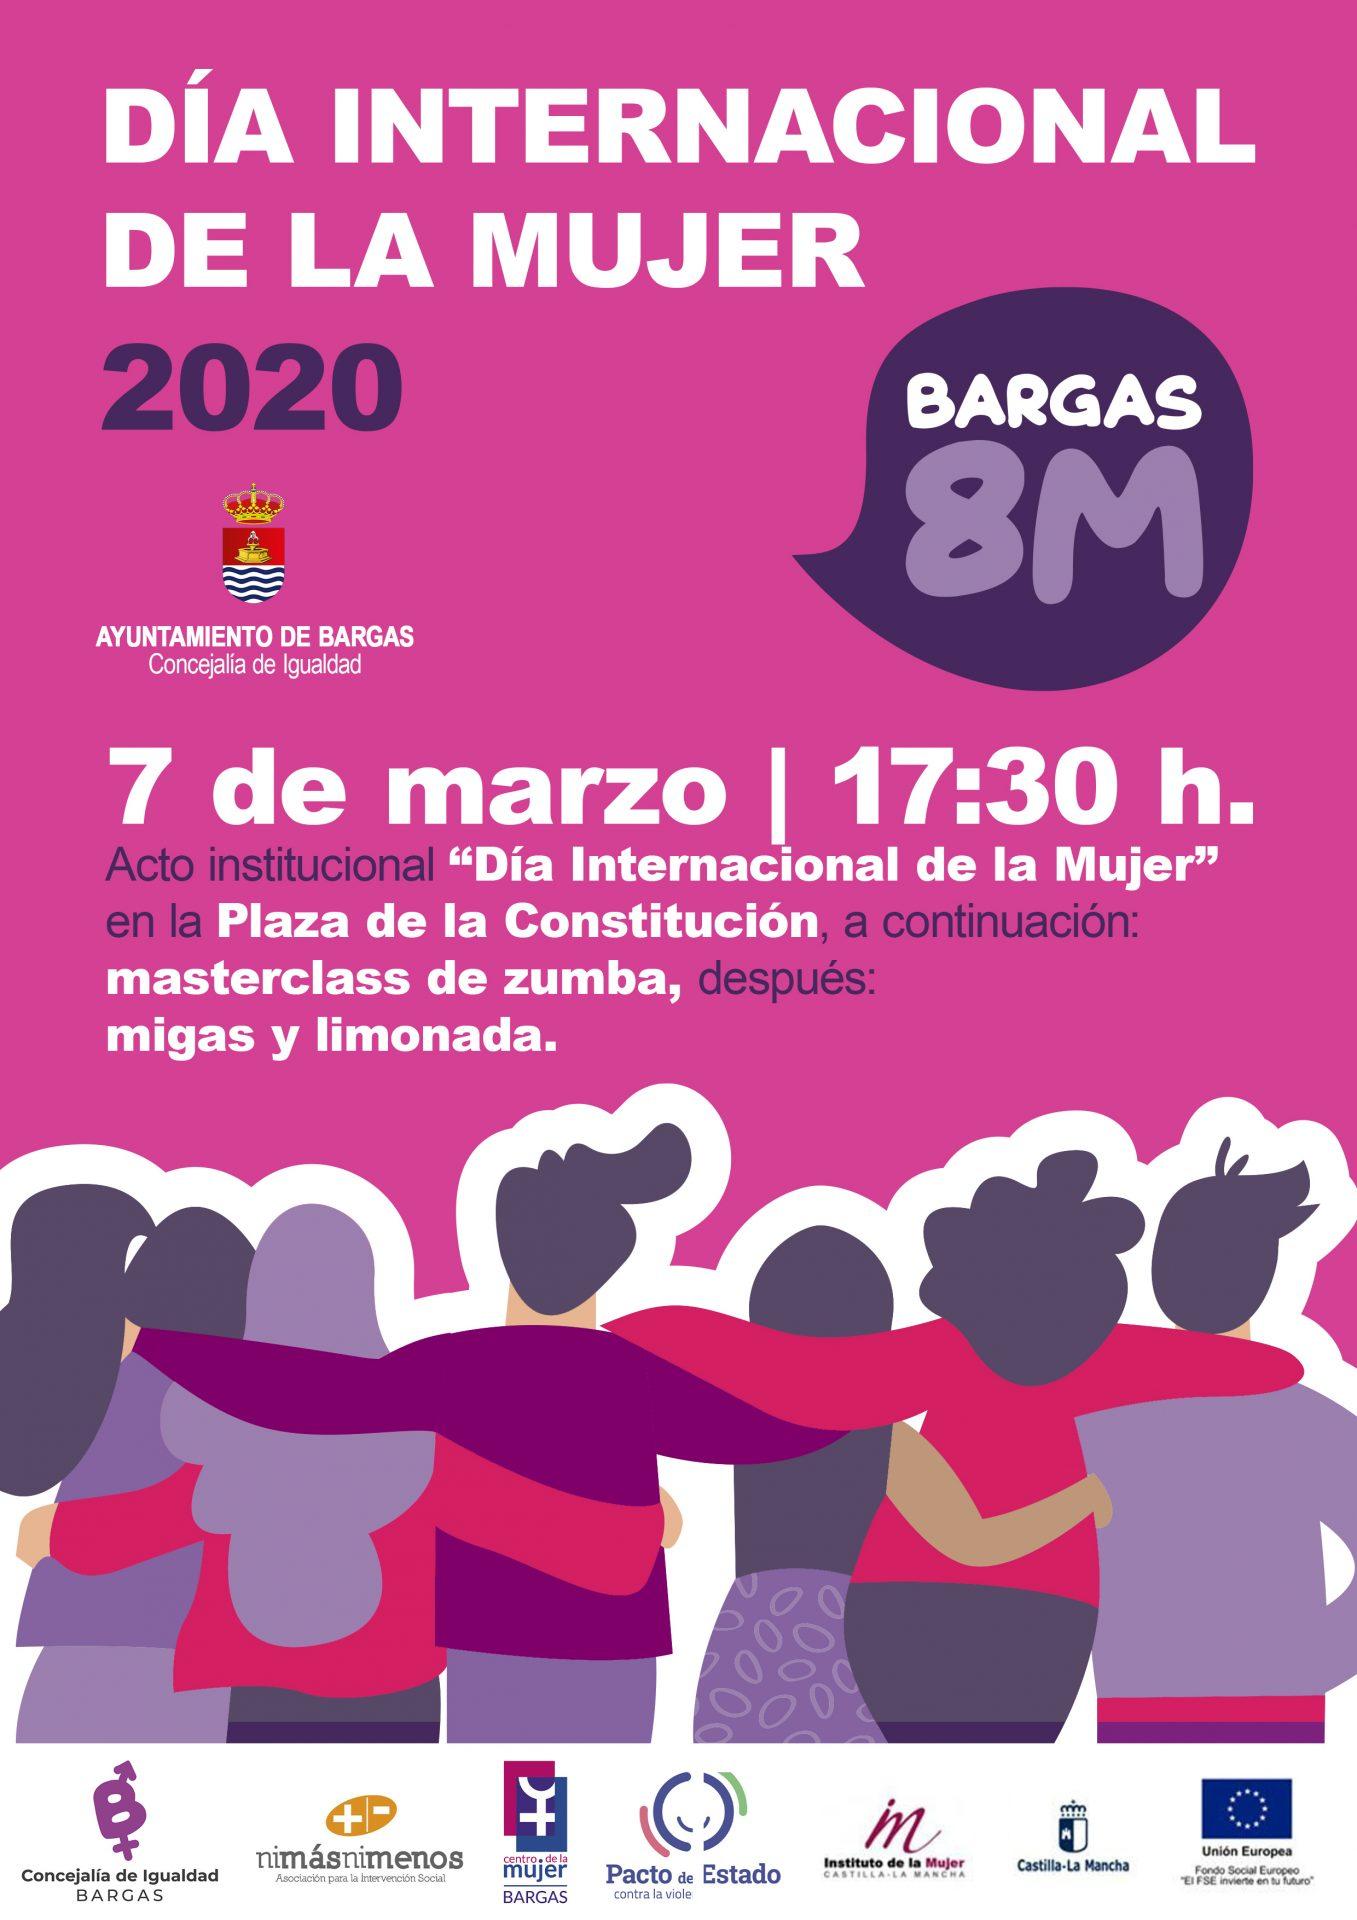 Acto institucional del Día Internacional de la Mujer 2020